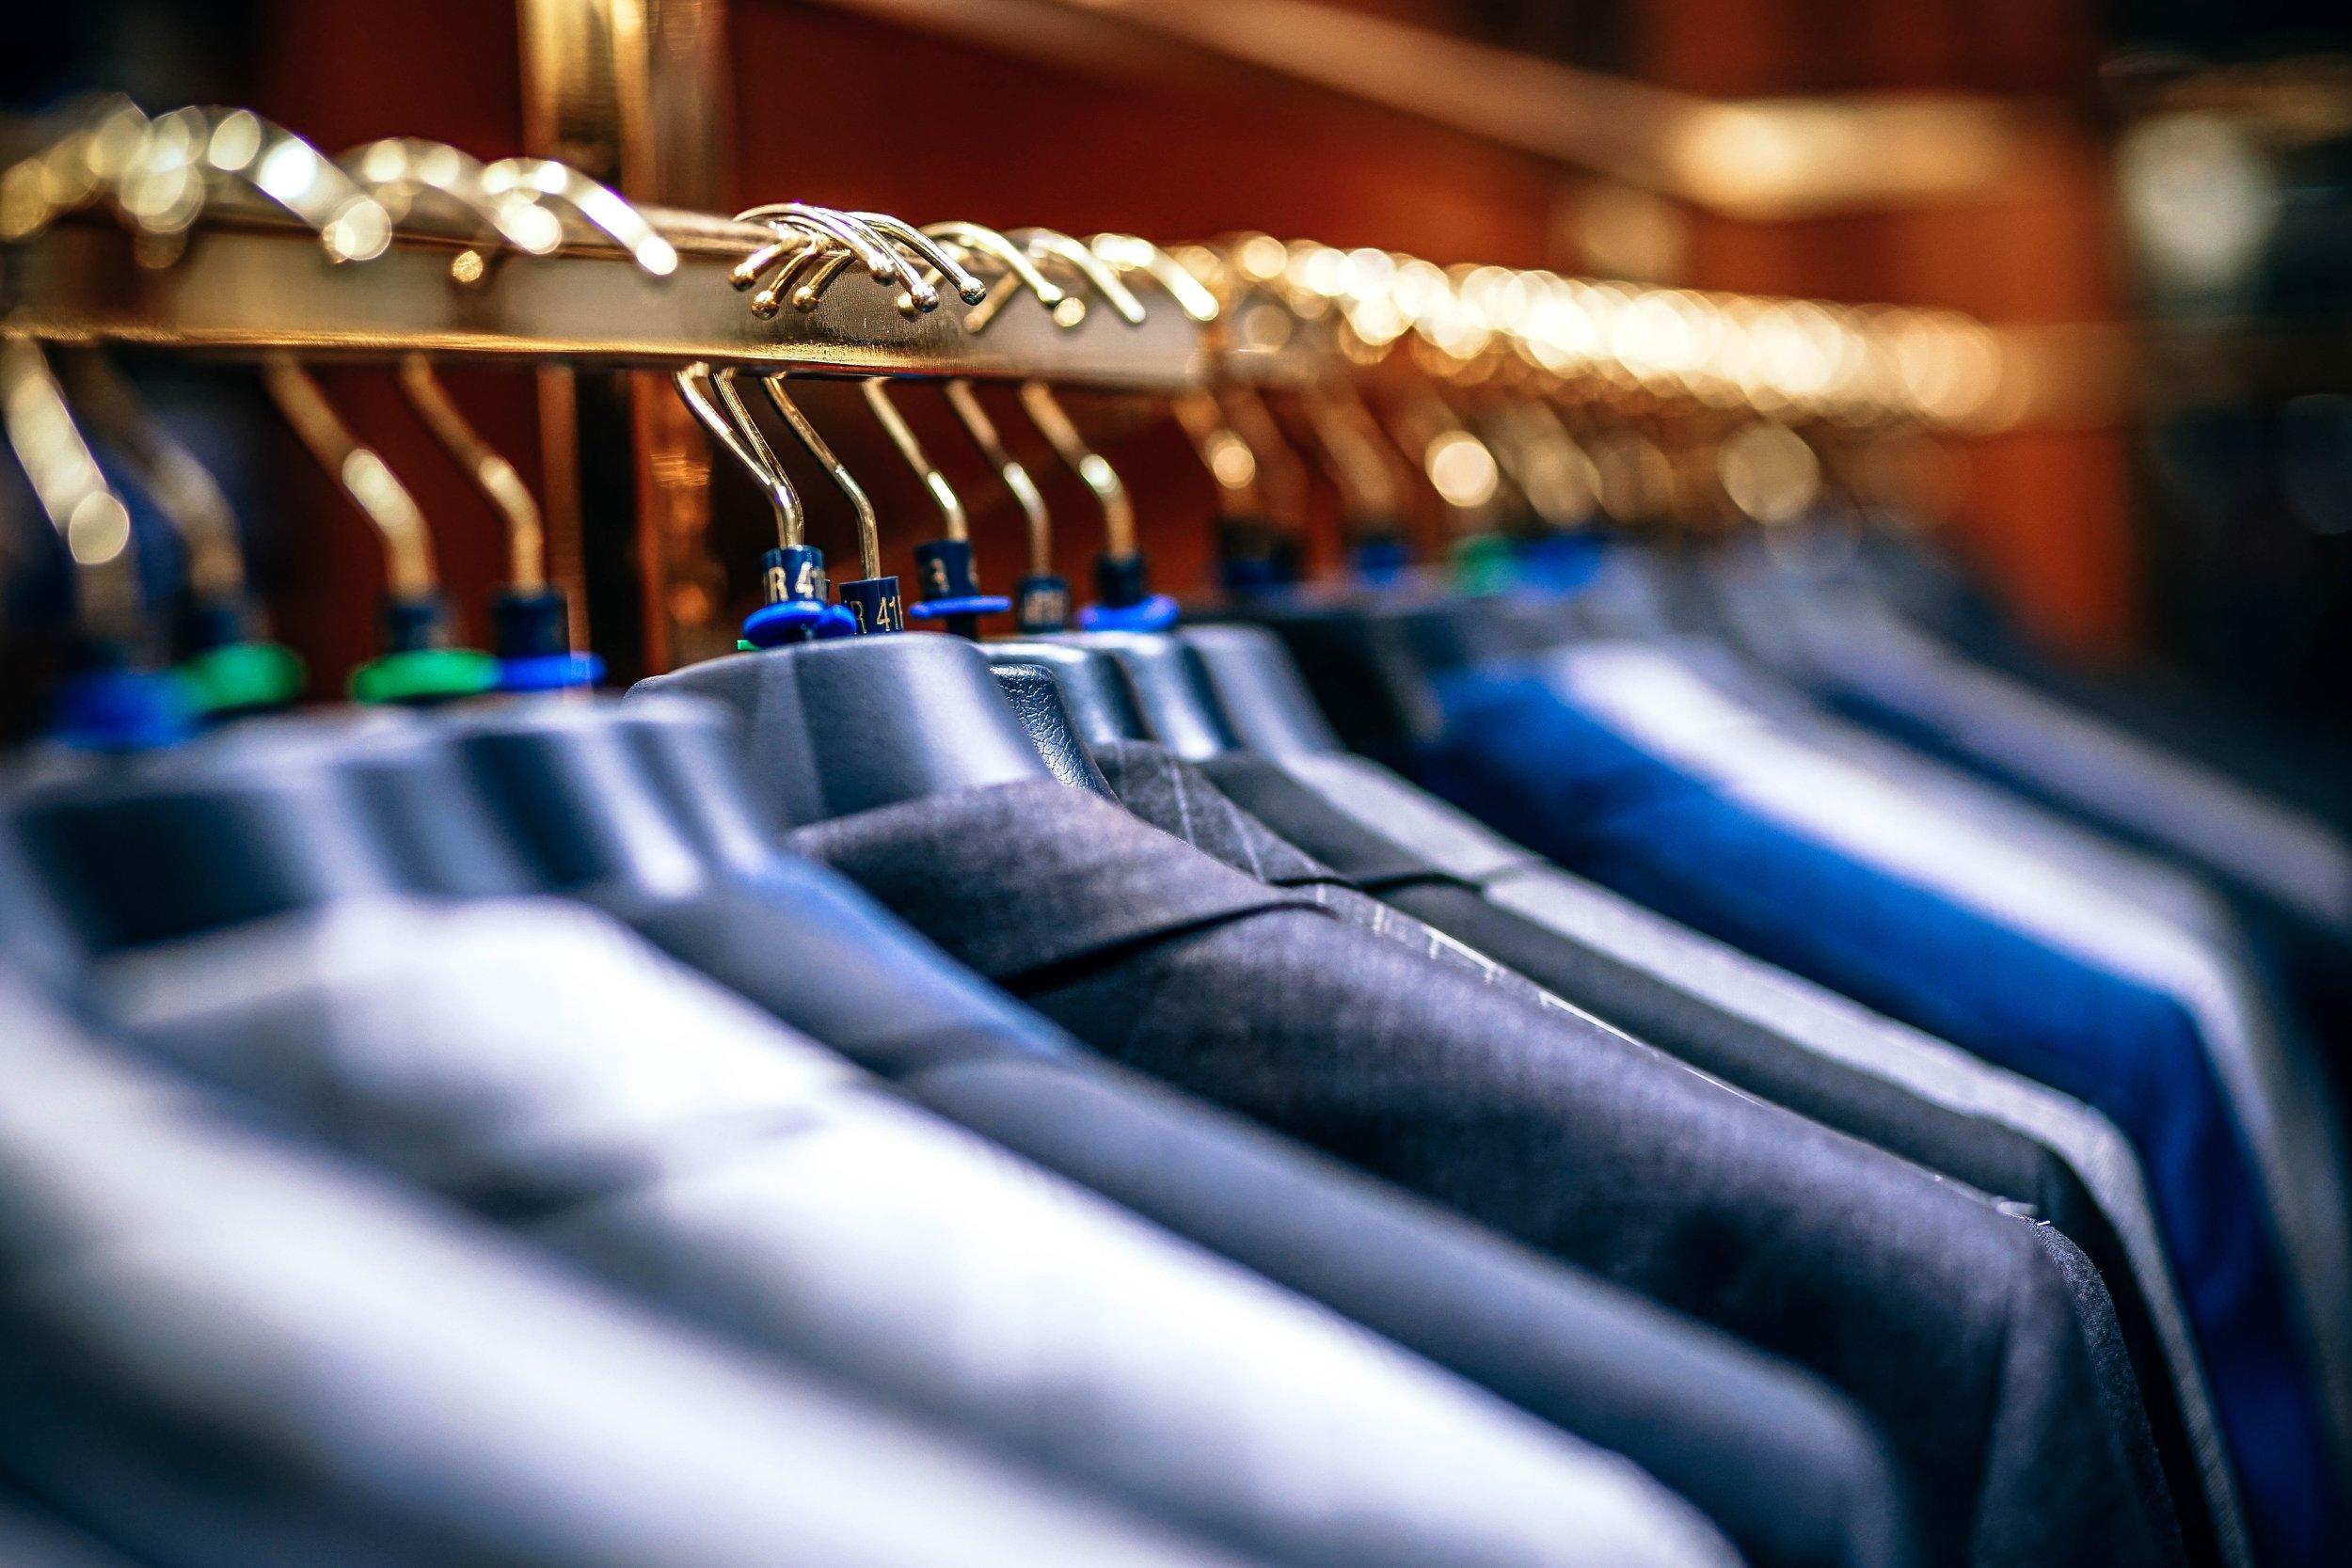 clothing-manufacturer-factors-consider.jpg